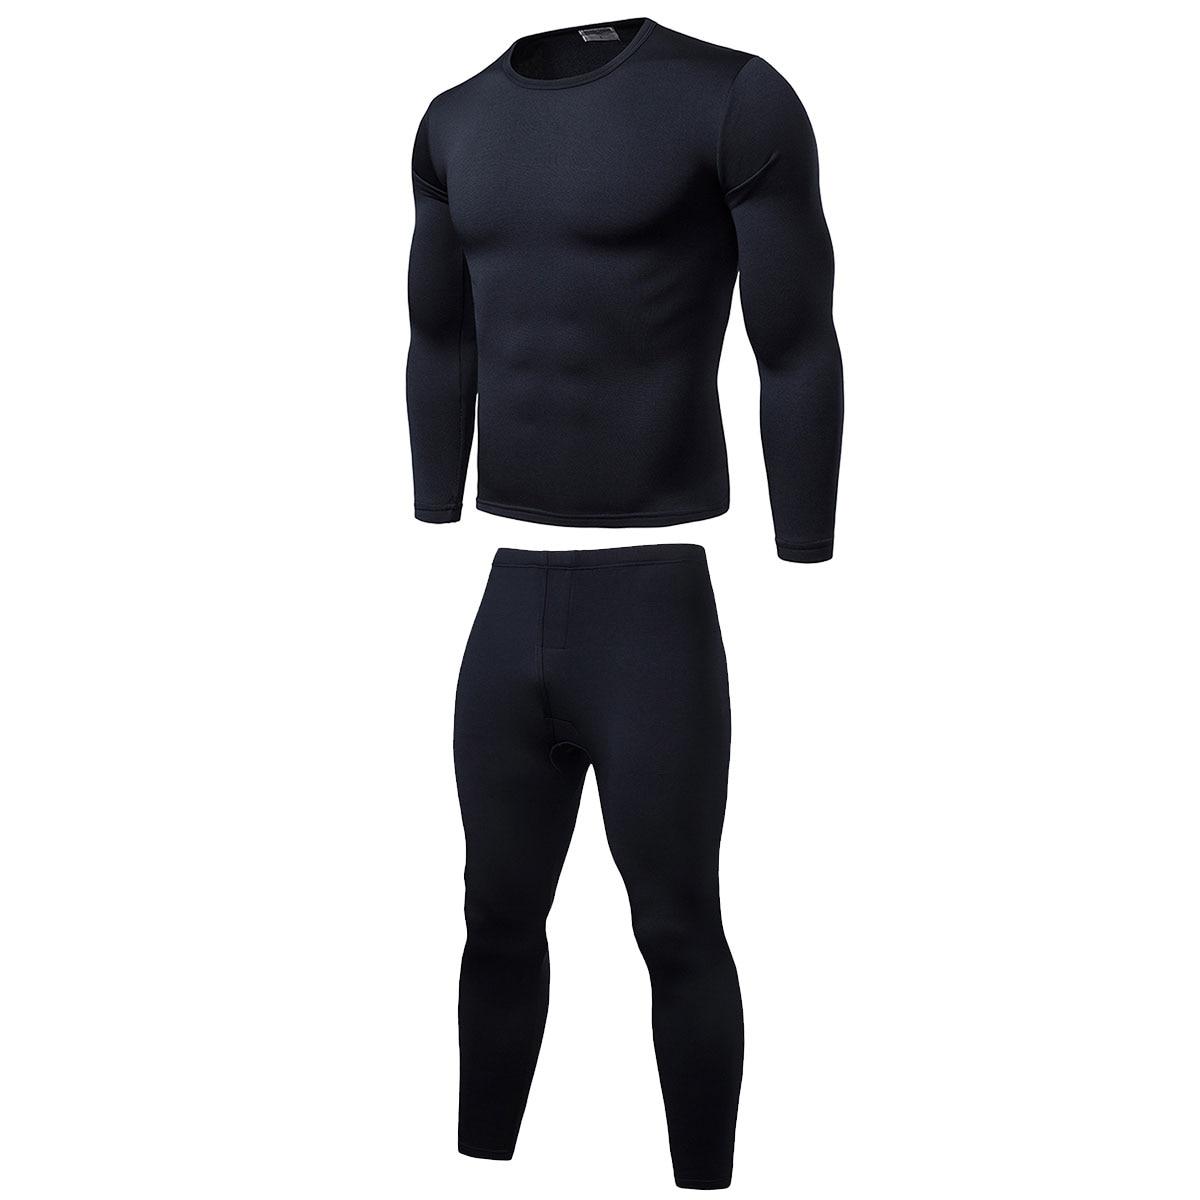 Men's Elastic Underwear Warm Fit Cotton Legging Pants Bottoms Thermal Trousers